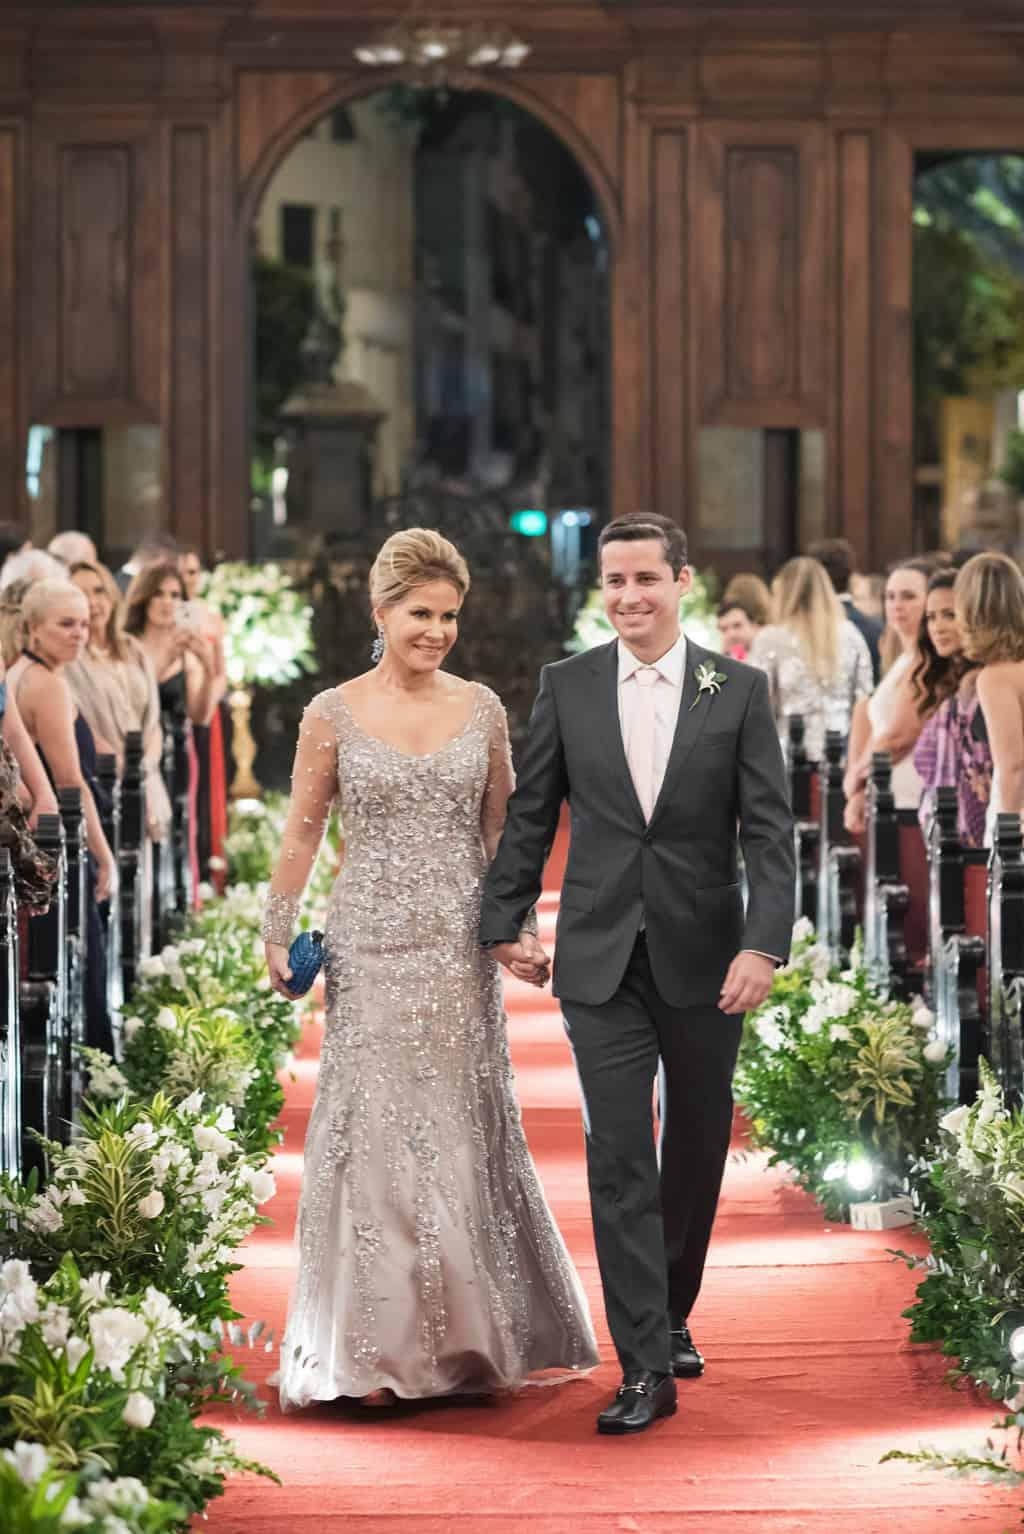 casamento-Karynna-e-Fernando-cerimonia-na-igreja-cerimonial-TCD-Eventos-fotografia-Marina-Fava-Igreja-São-Francisco-de-Paula27